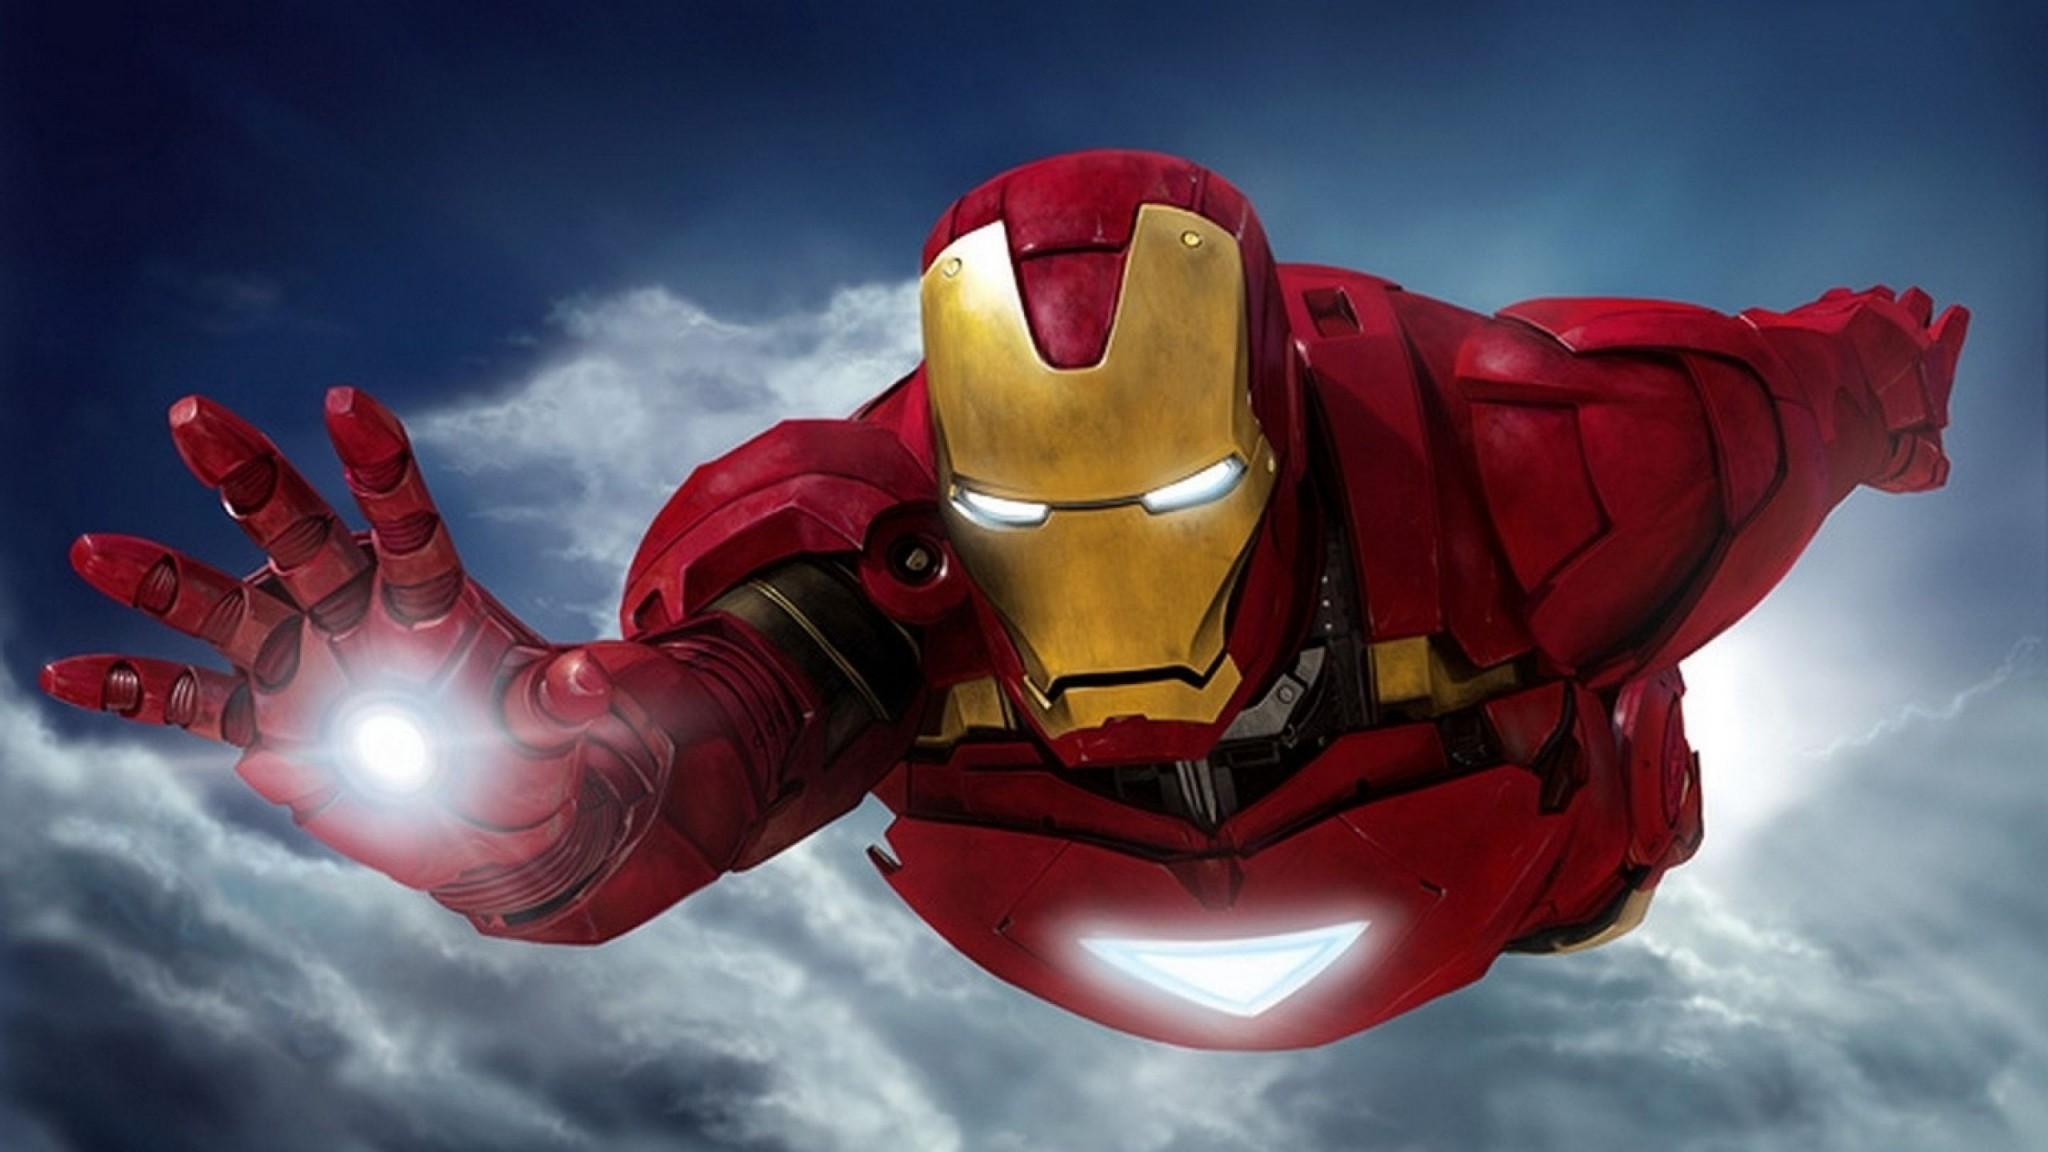 Iron Man  Movies  Marvel Comics  Marvel    ma HD Wallpaper